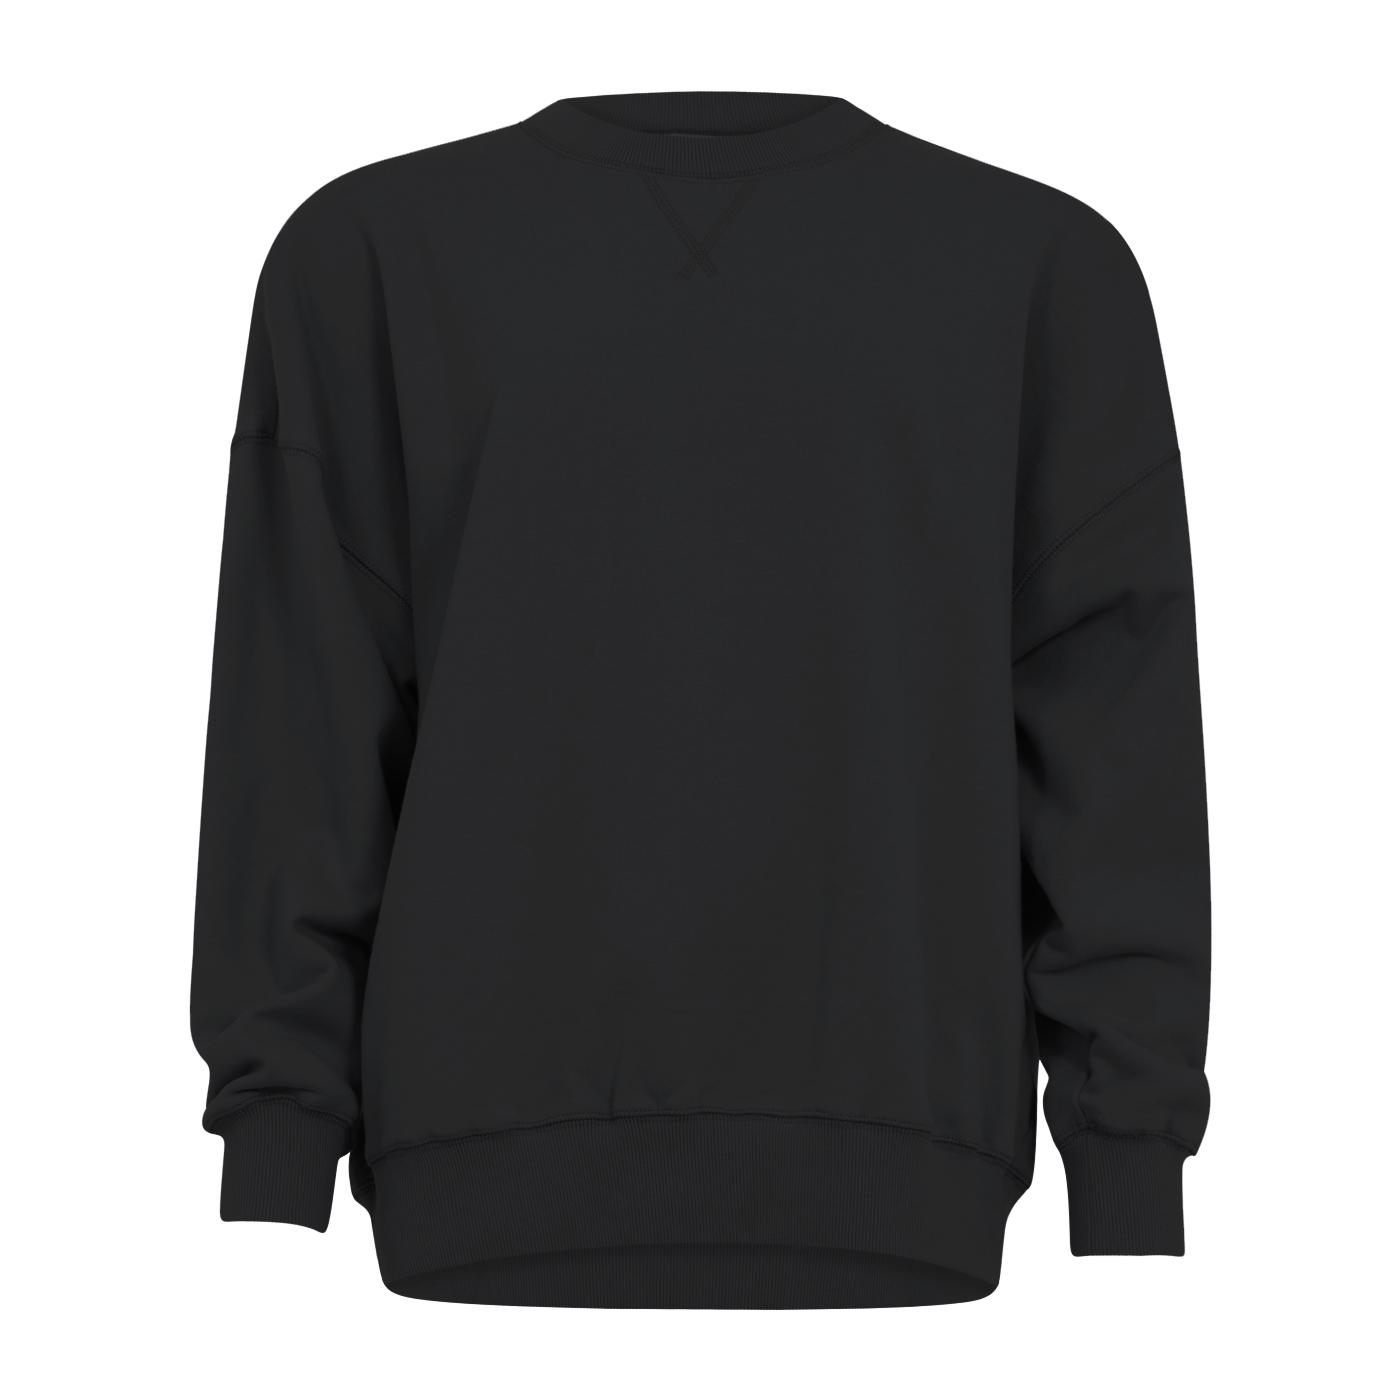 Coster Copenhagen oversize sweatshirt, black, small